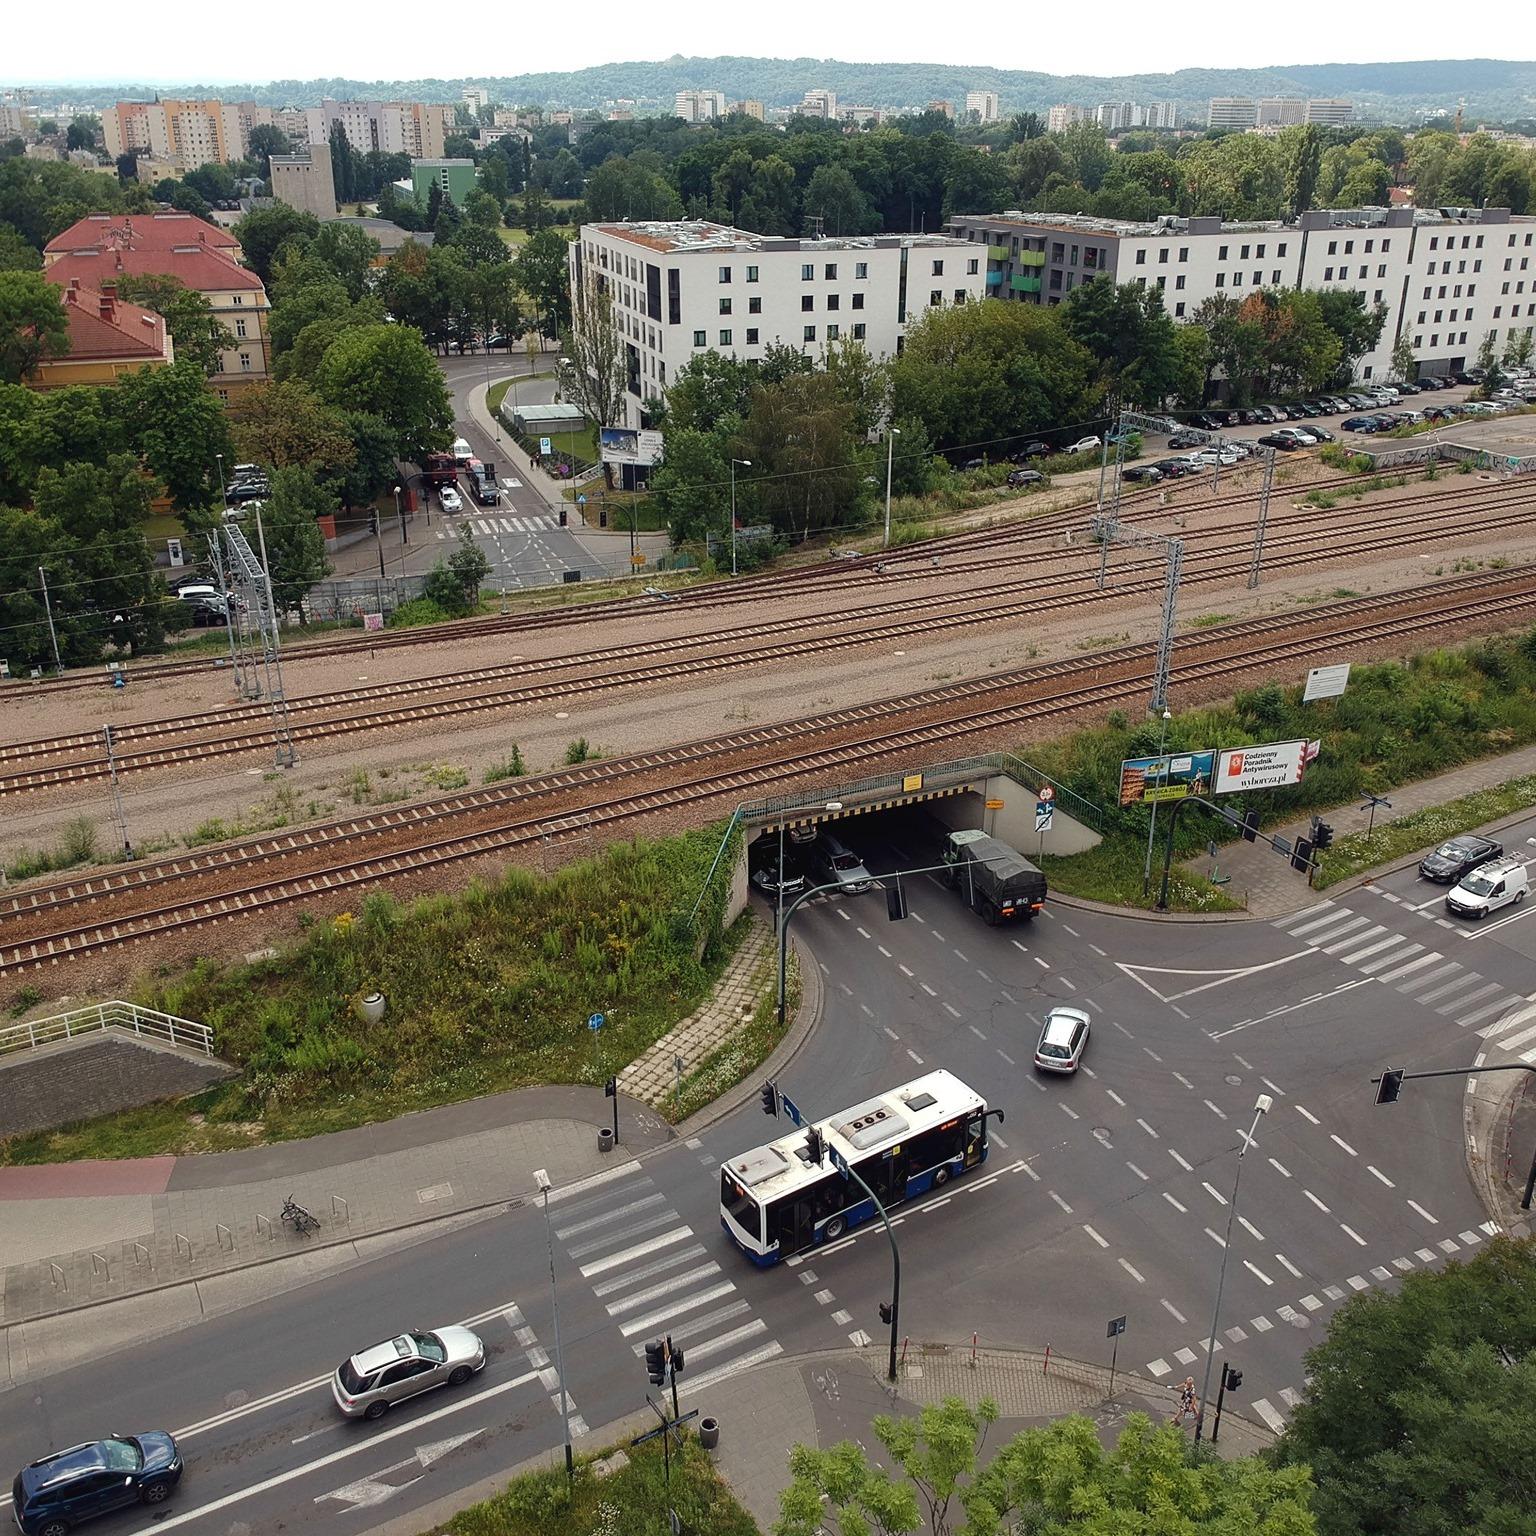 remont wiaduktu kolejowego na ul. Wrocławskiej. Zdjęcie wiaduktu kolejowego nad ul. Wrocławską w Krakowie wykonane z góry.